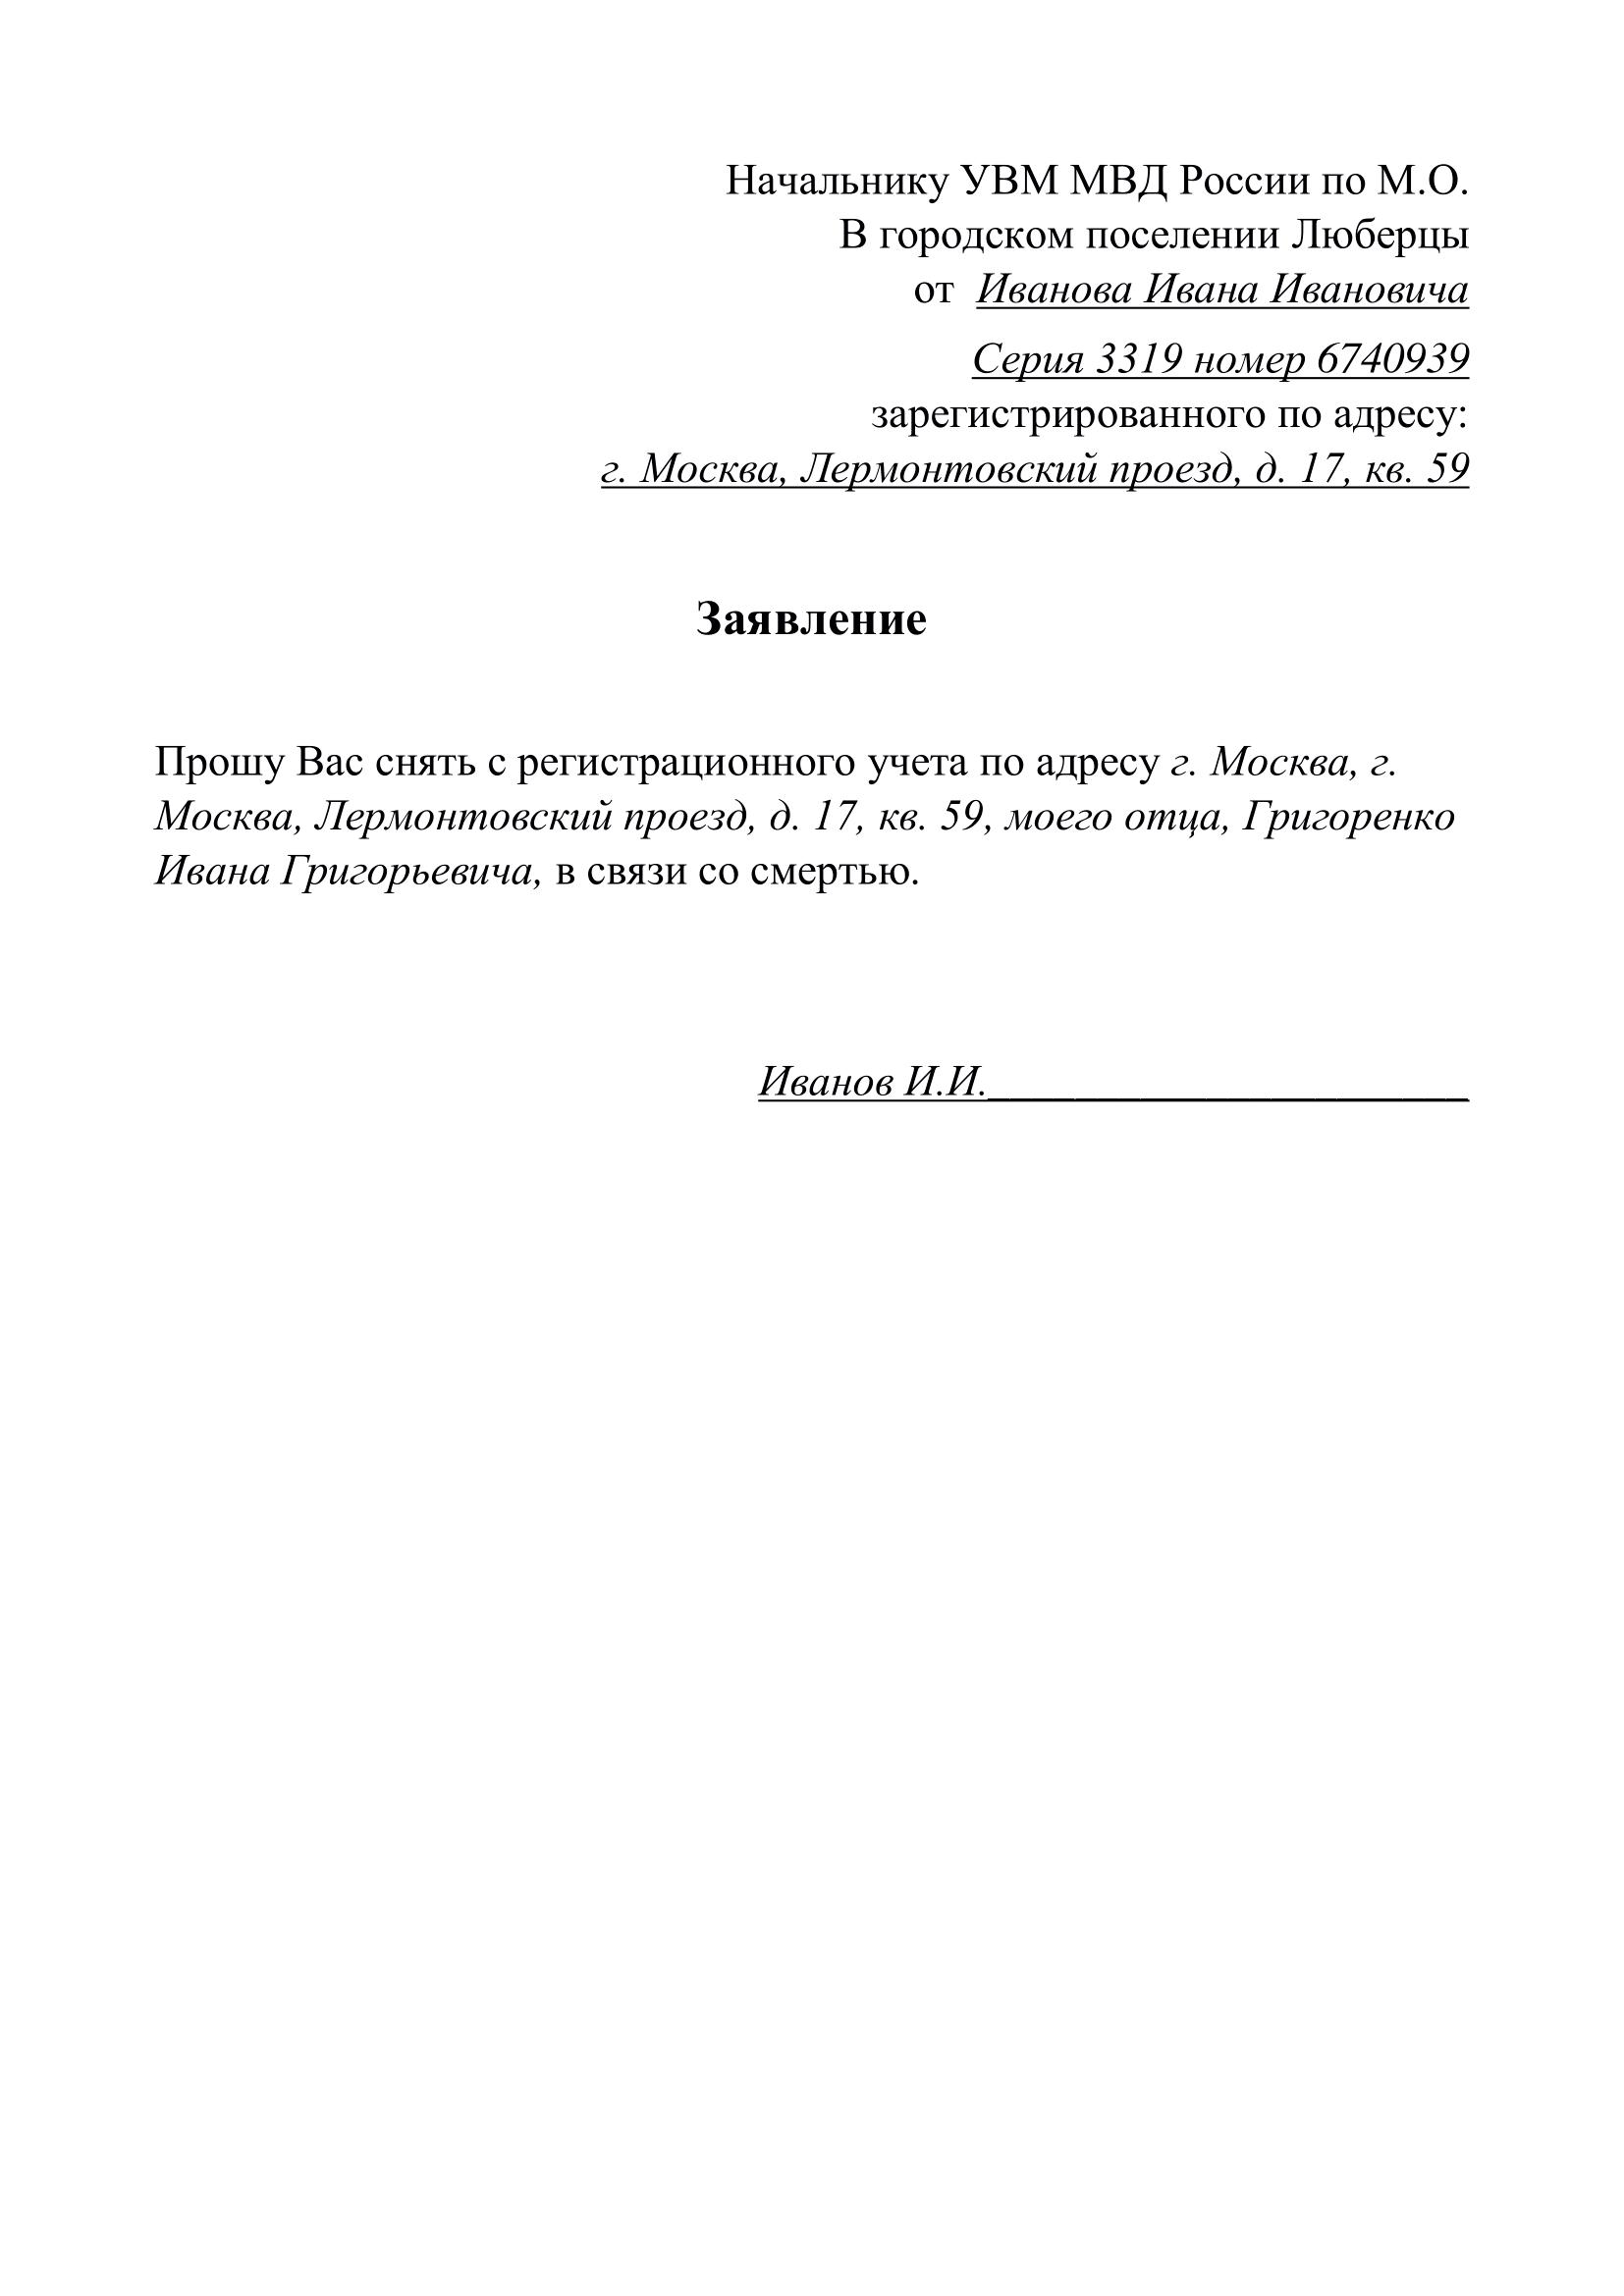 Заявление о снятии умершего гражданина с регистрационного учета